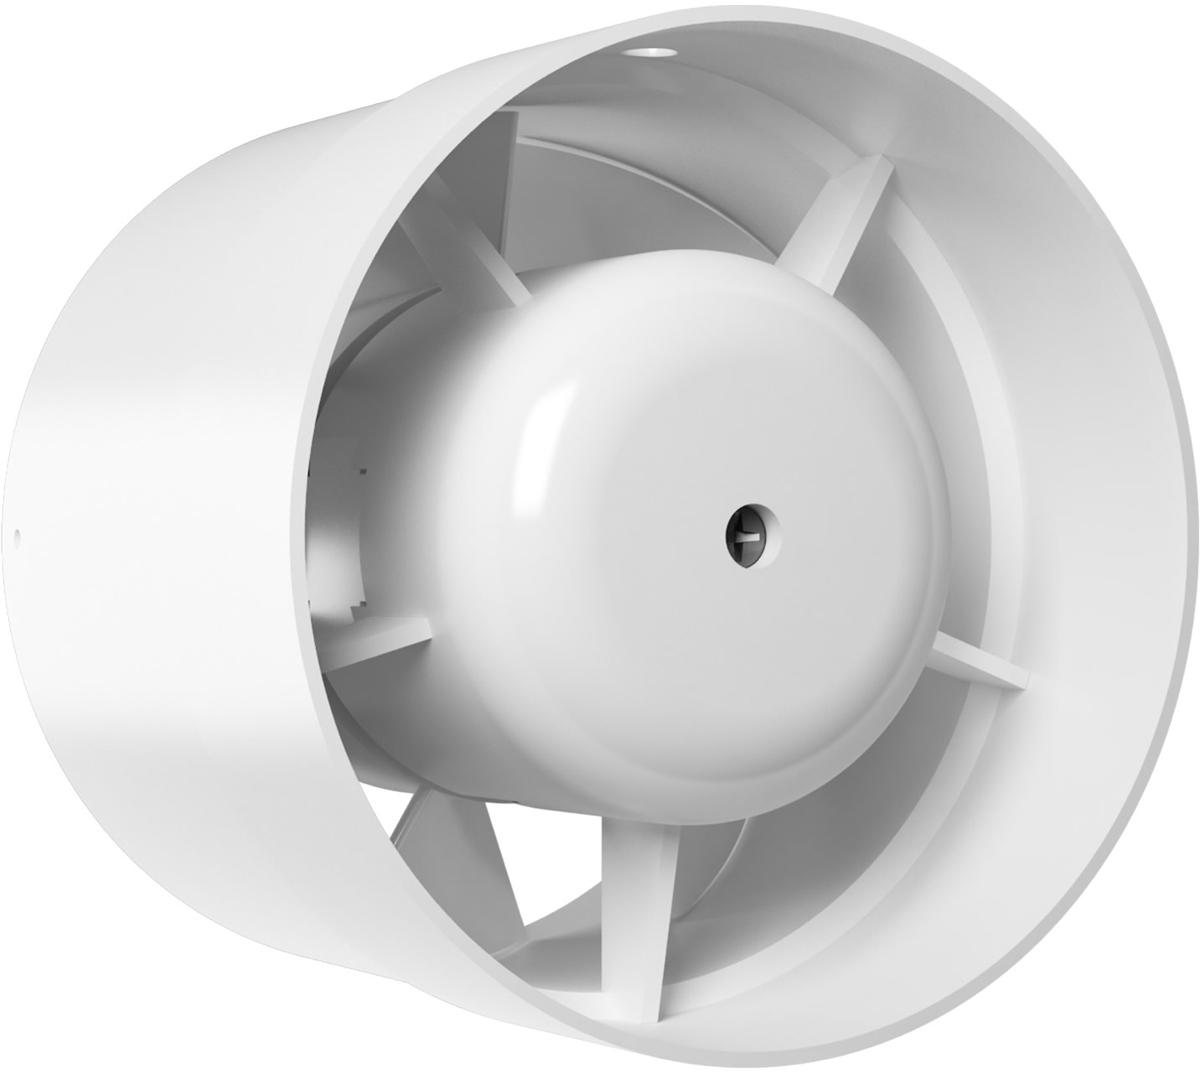 ERA Profit 5 12V вентилятор осевой канальный вытяжной низковольныйPROFIT 5 12VВентилятор серии PROFIT с диаметром фланца 125мм.PROFIT - канальные вентиляторы, которые имеют стандартную систему крепления.Элементы крепления не входят в комплект вентилятора.Современные двигатели с увеличенным сроком службы (до 40 000 рабочих часов), защитой от перегрева.